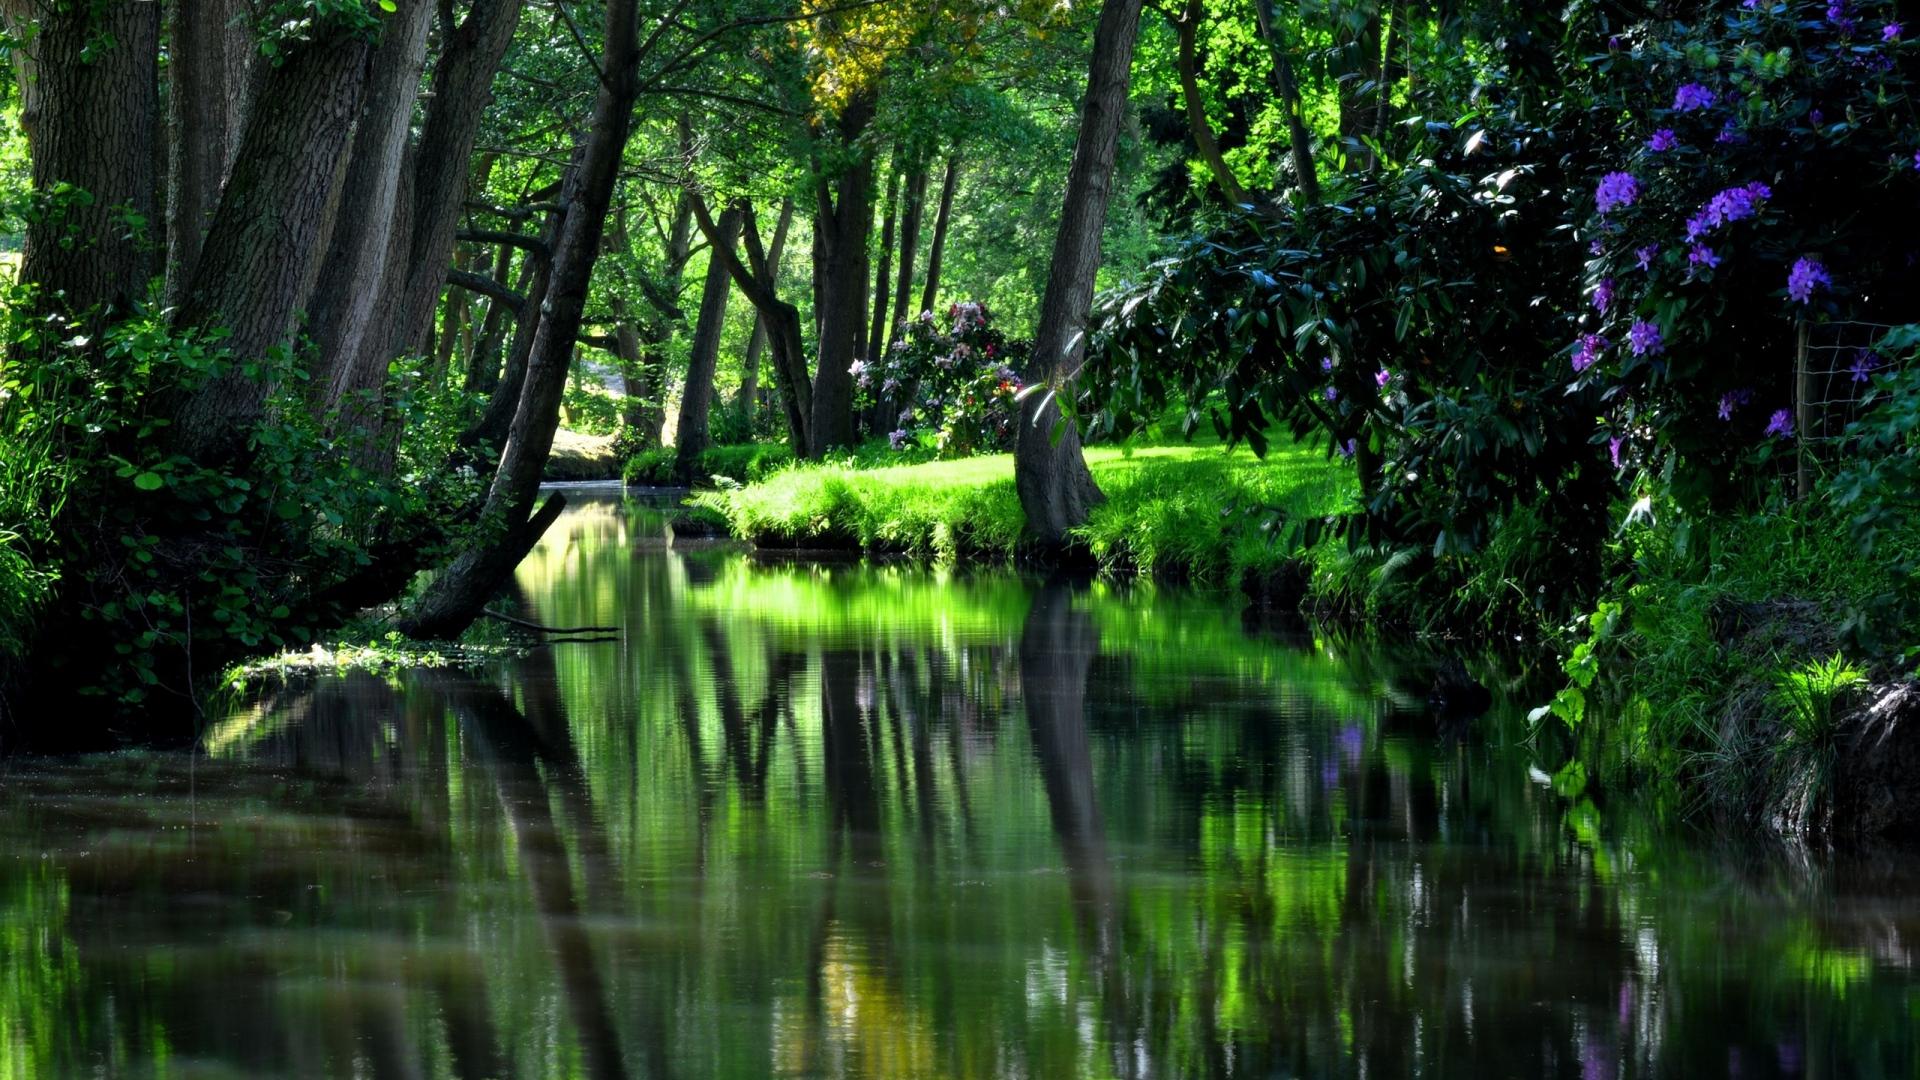 Download Wallpaper 1920x1080 Reservoir River Garden Flowers Trees Shadow Cool Summer